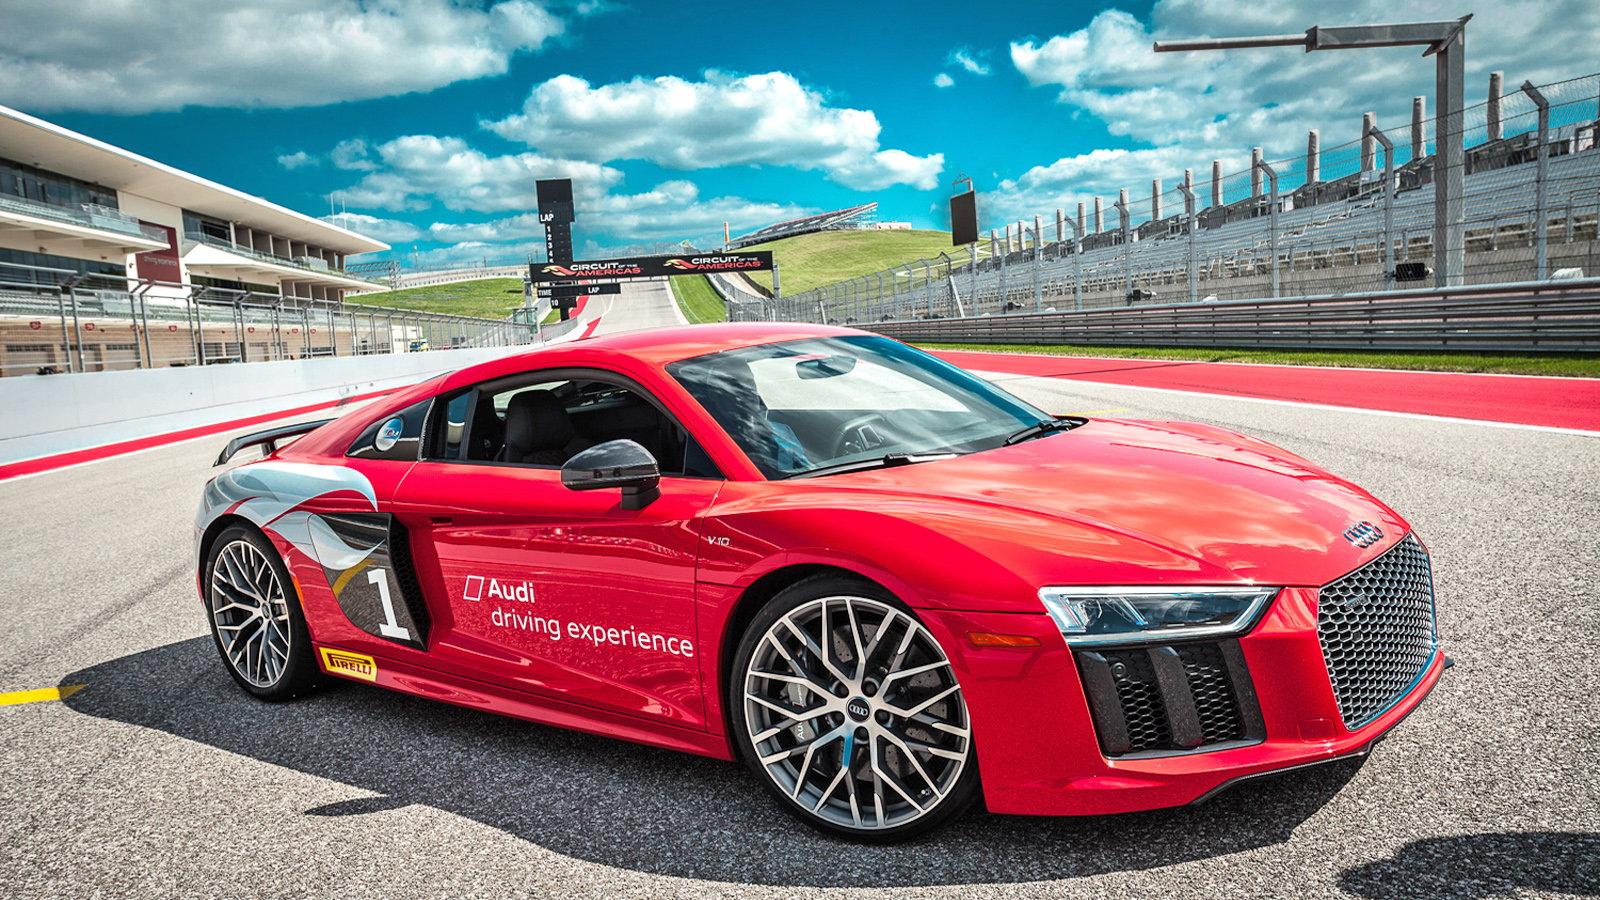 Kelebihan Audi Driving Experience Review